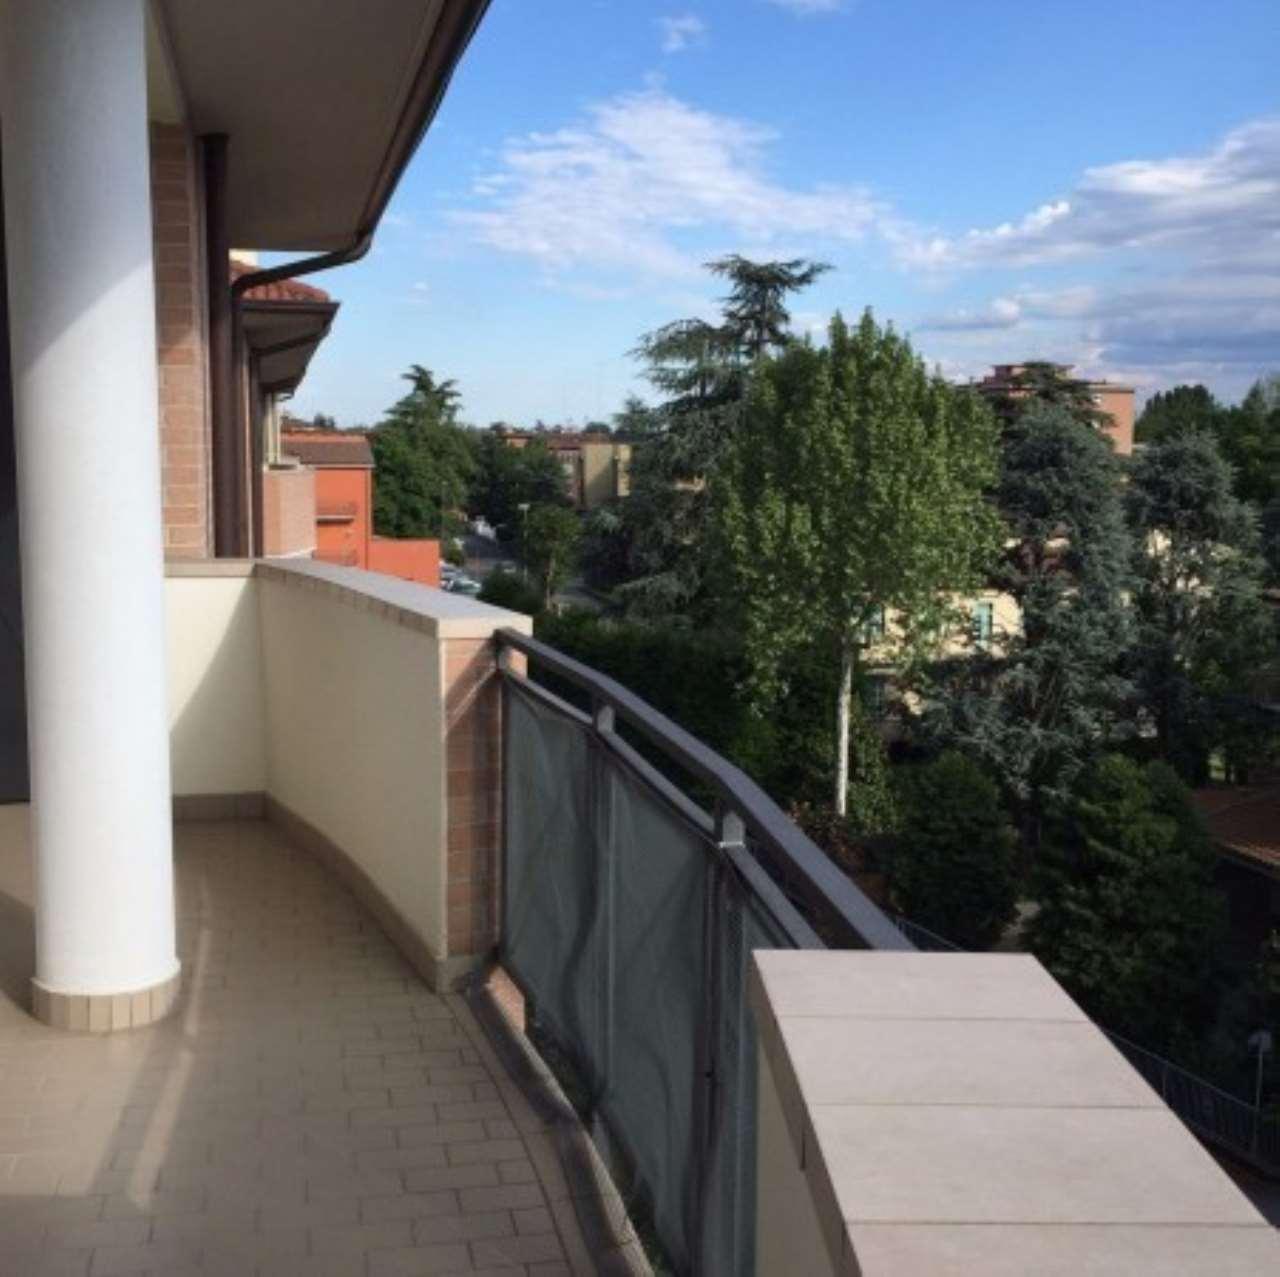 Attico / Mansarda in vendita a Castelfranco Emilia, 5 locali, prezzo € 225.000 | Cambio Casa.it